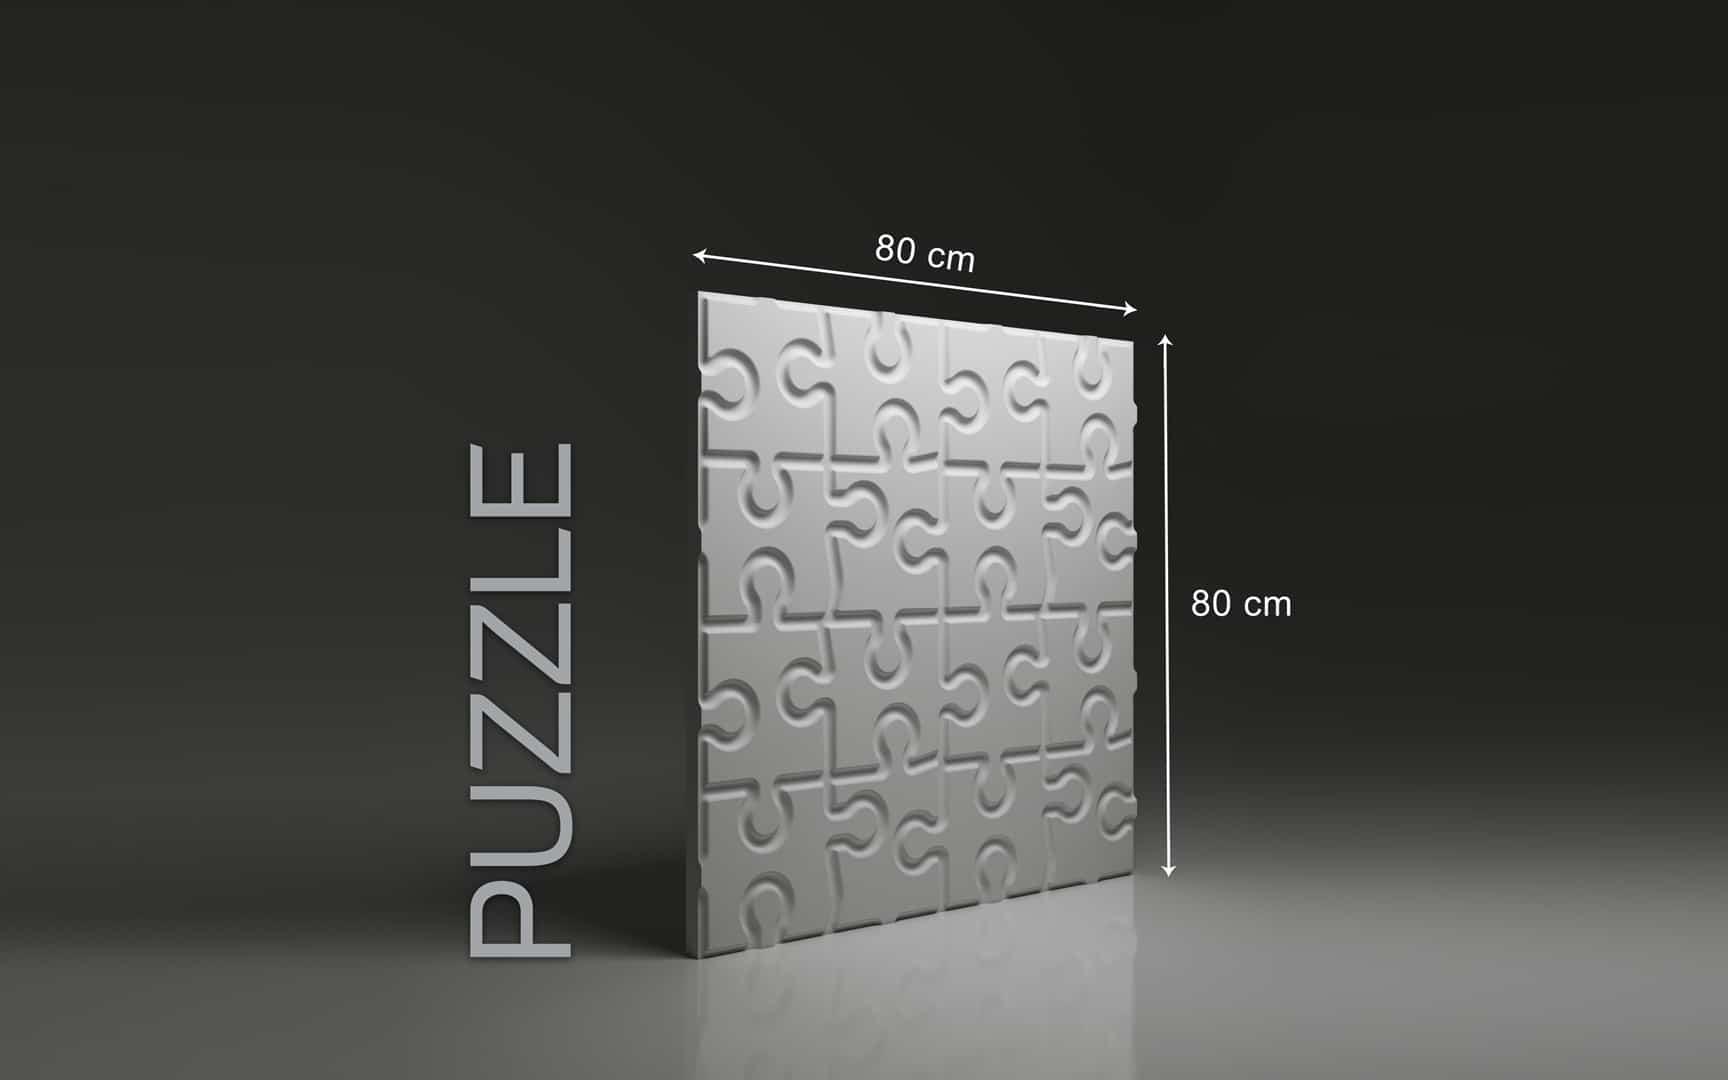 PUZZLE DIMENSIONS : hauteur 80 x largeur 80 cm ÉPAISSEUR : de 1,5 cm à 2,3 cm  POIDS : environ 10 kg